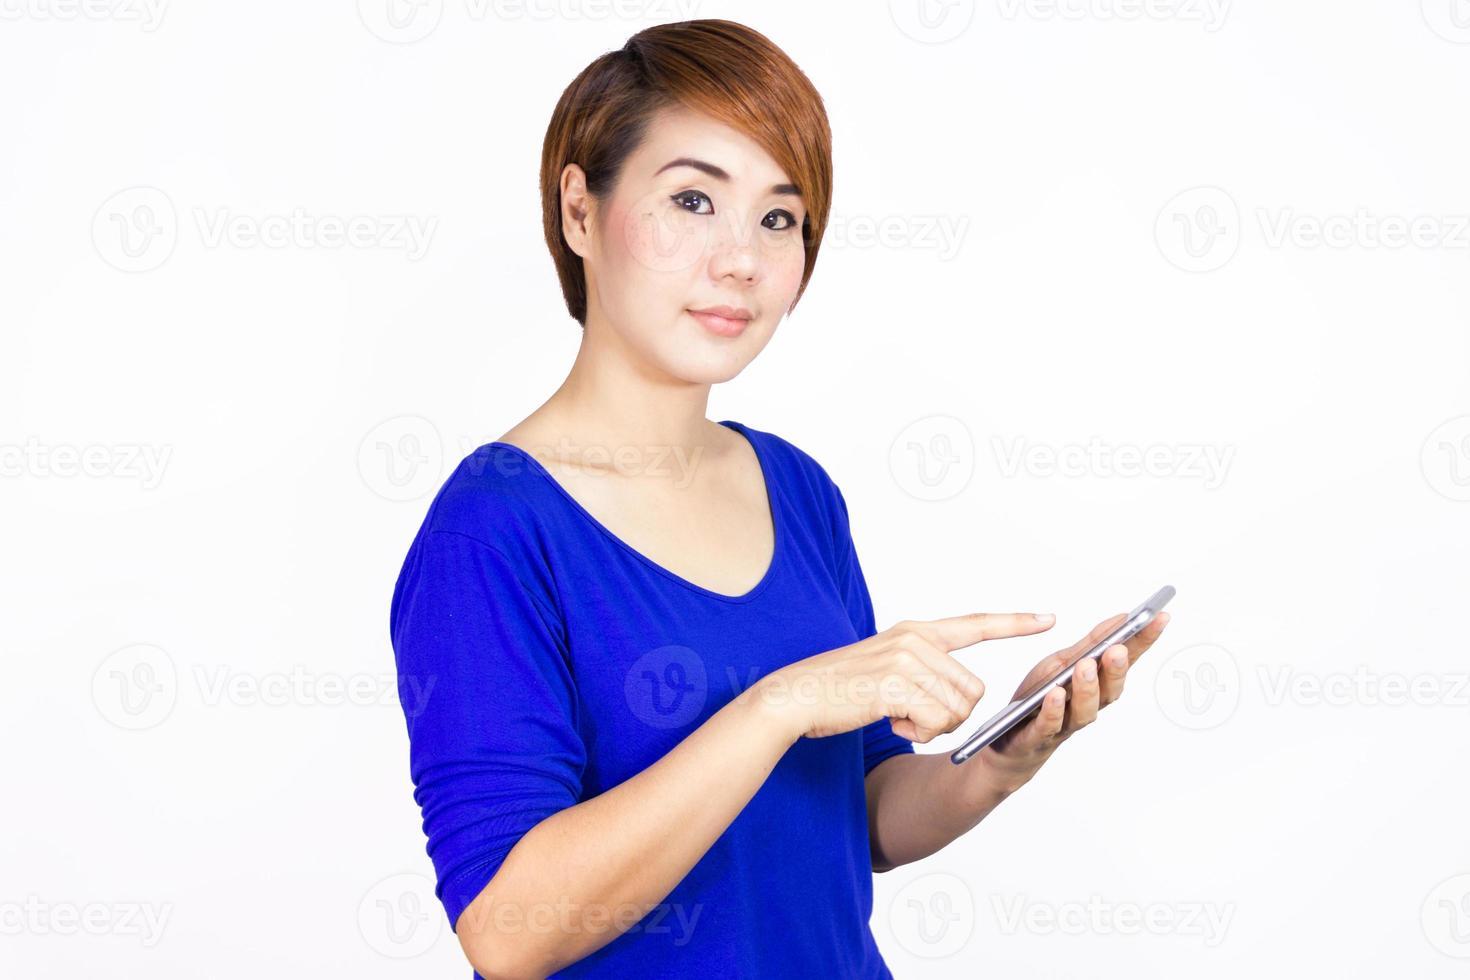 donna con il suo telefono foto